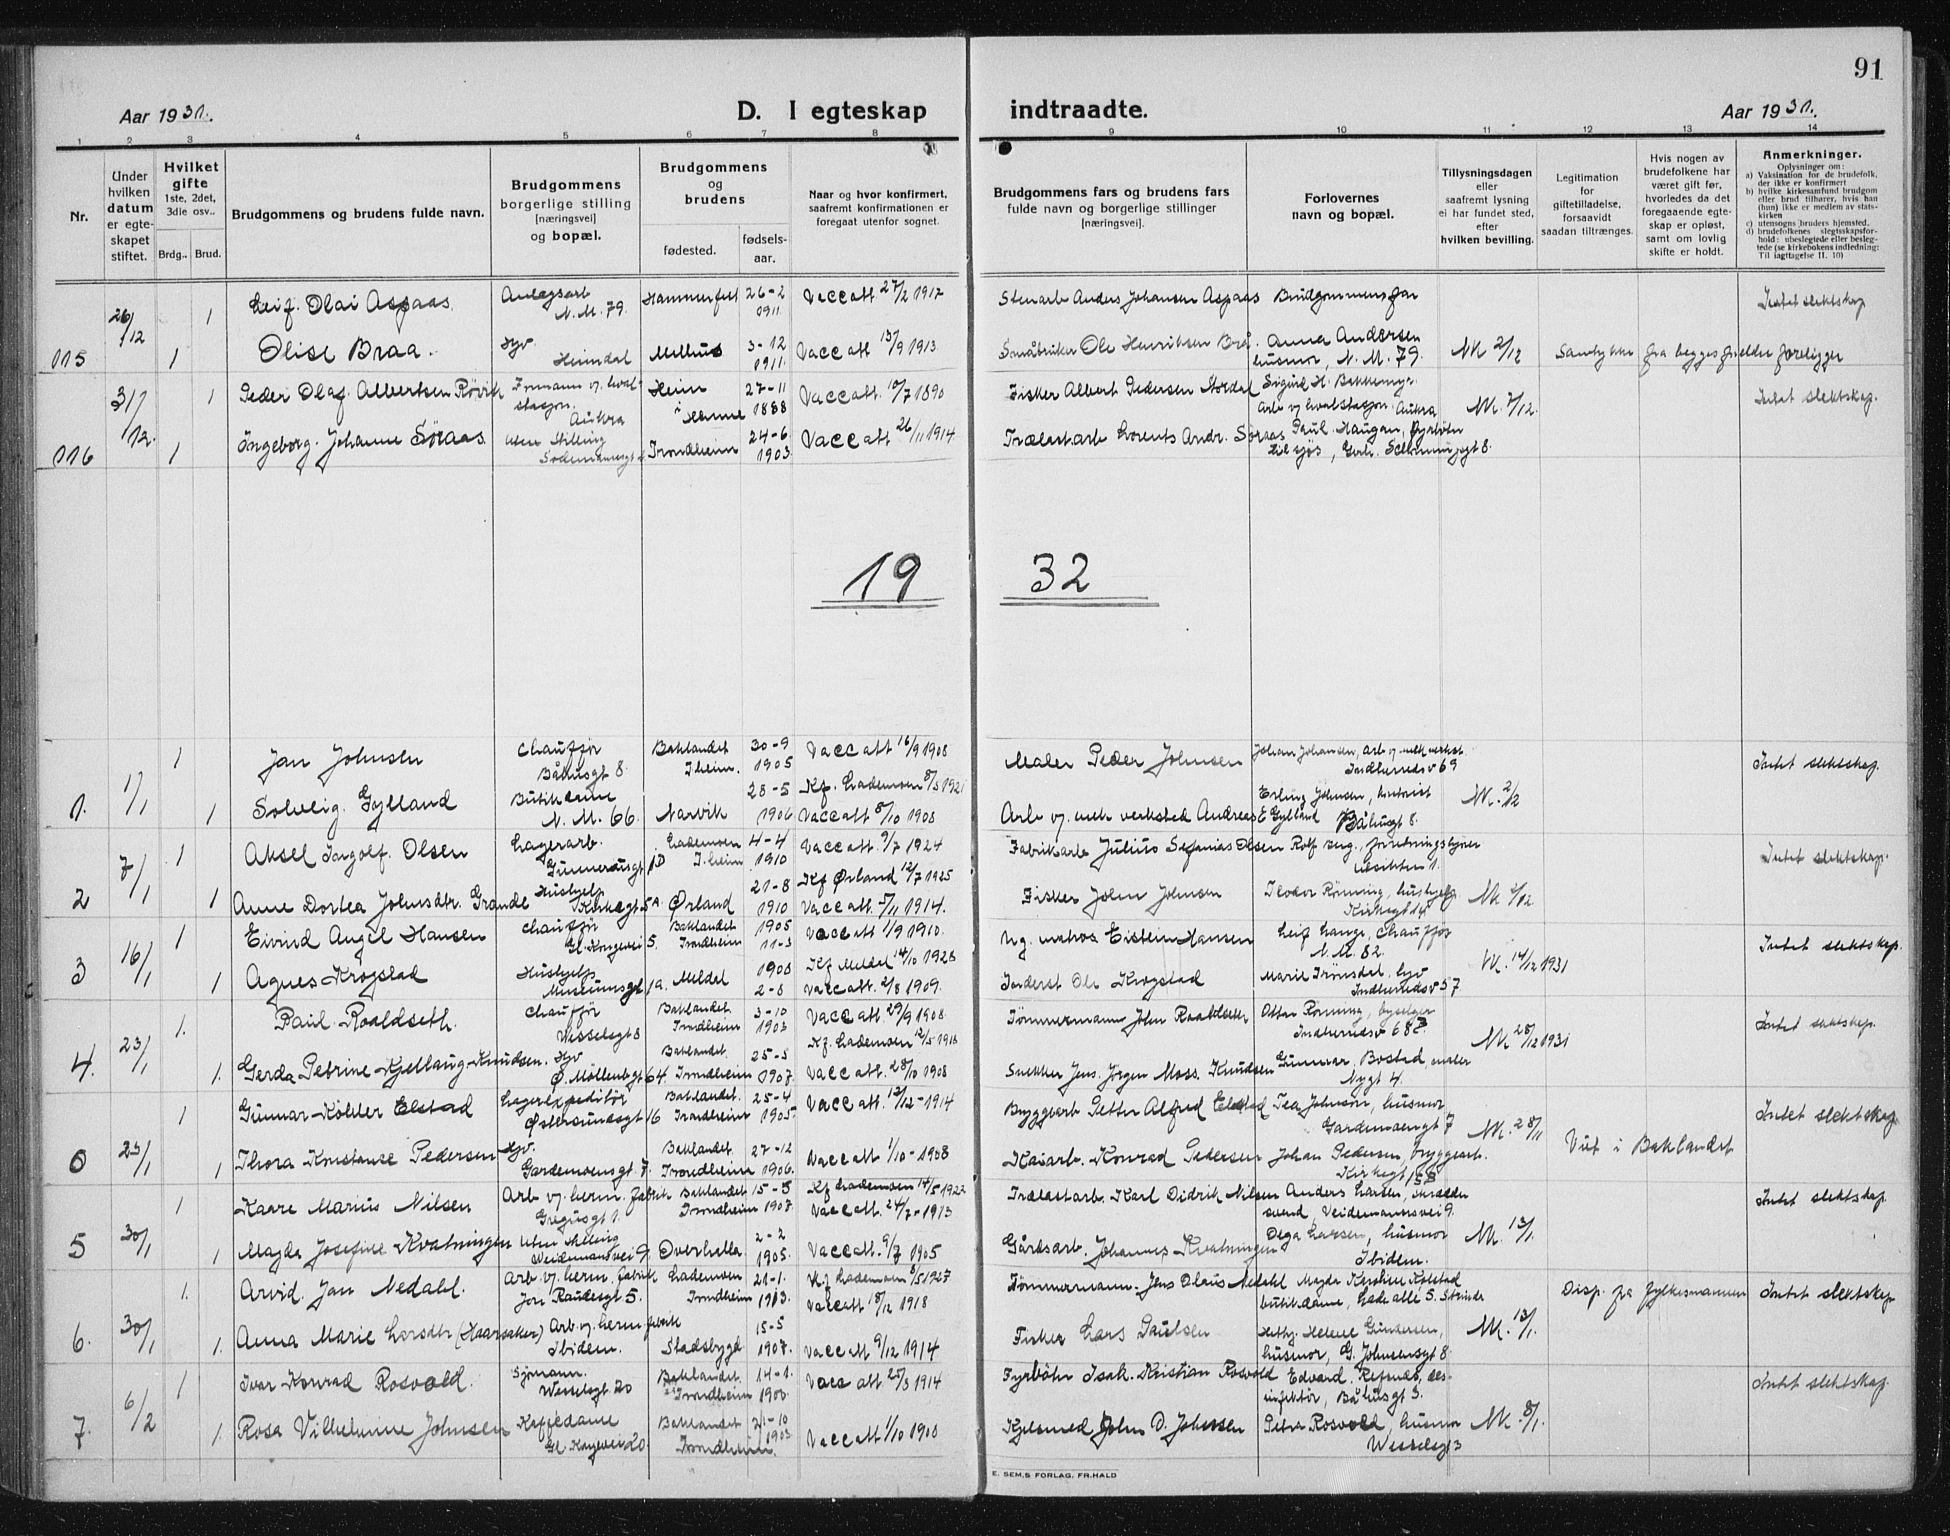 SAT, Ministerialprotokoller, klokkerbøker og fødselsregistre - Sør-Trøndelag, 605/L0260: Klokkerbok nr. 605C07, 1922-1942, s. 91